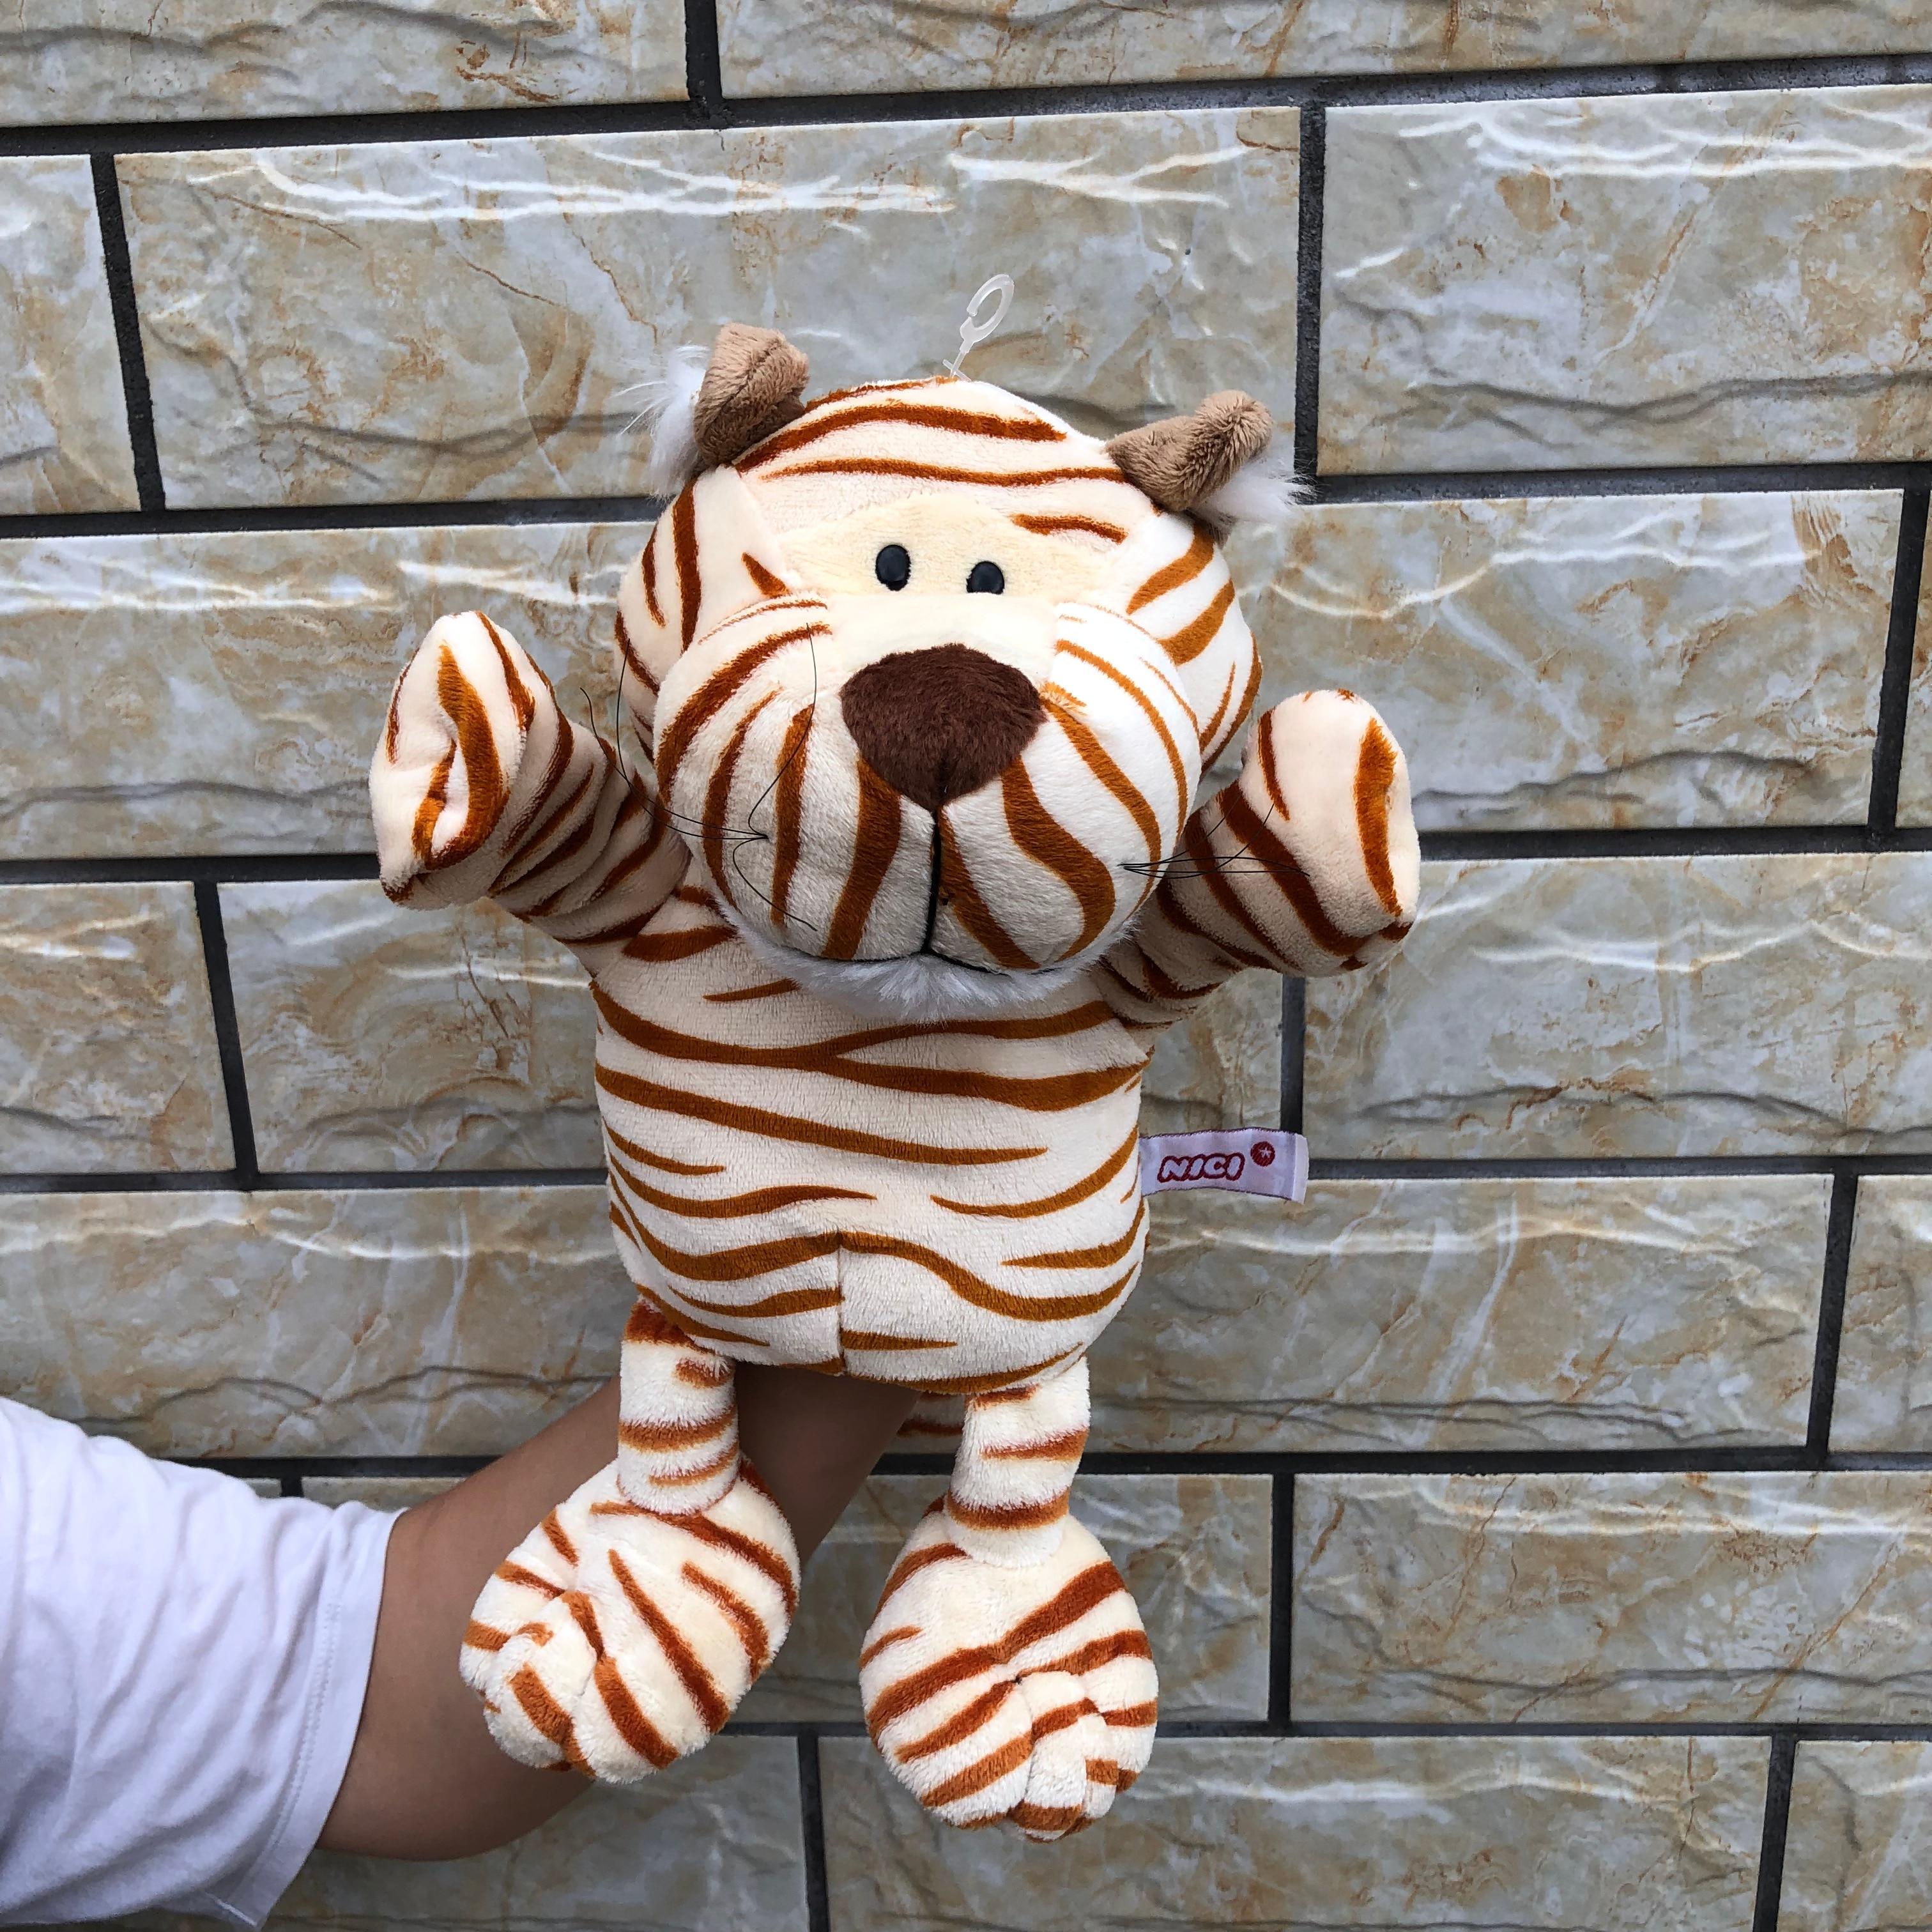 30cm moderne dessin animé enfants bébé jouet main marionnette poupée animaux tigres gants pour enfants enfant mignon doux en peluche jouets marionnette